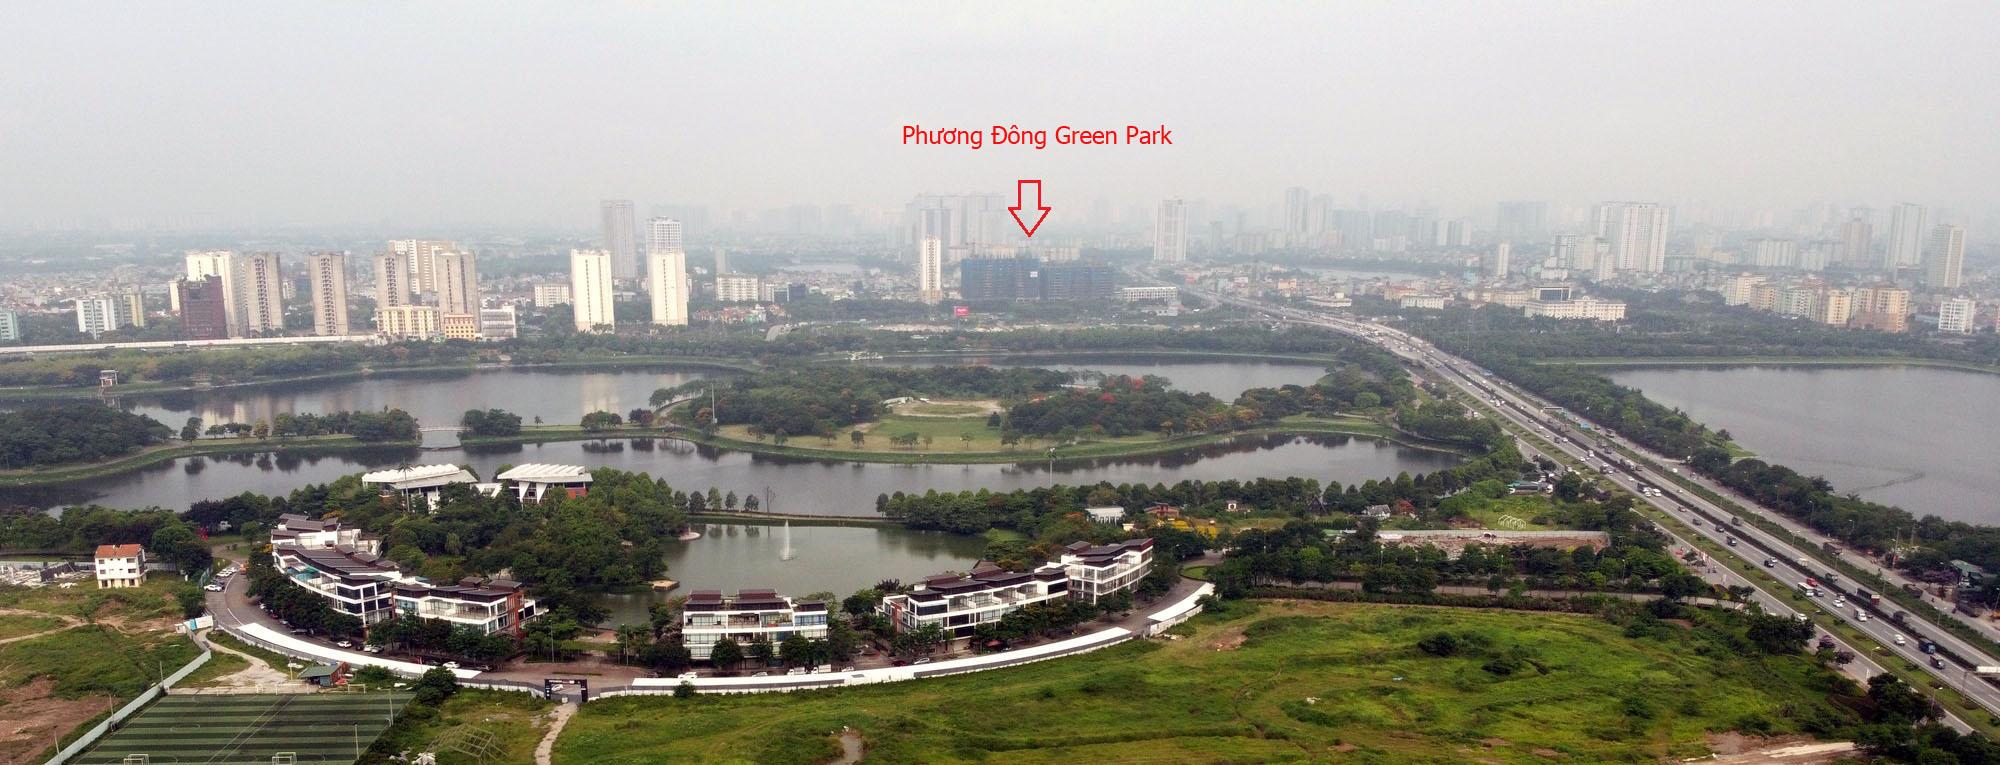 Dự án Phương Đông Green Park đang mở bán: Gần hai hồ điều hòa lớn, giá từ 26 triệu đồng/m2 - Ảnh 5.